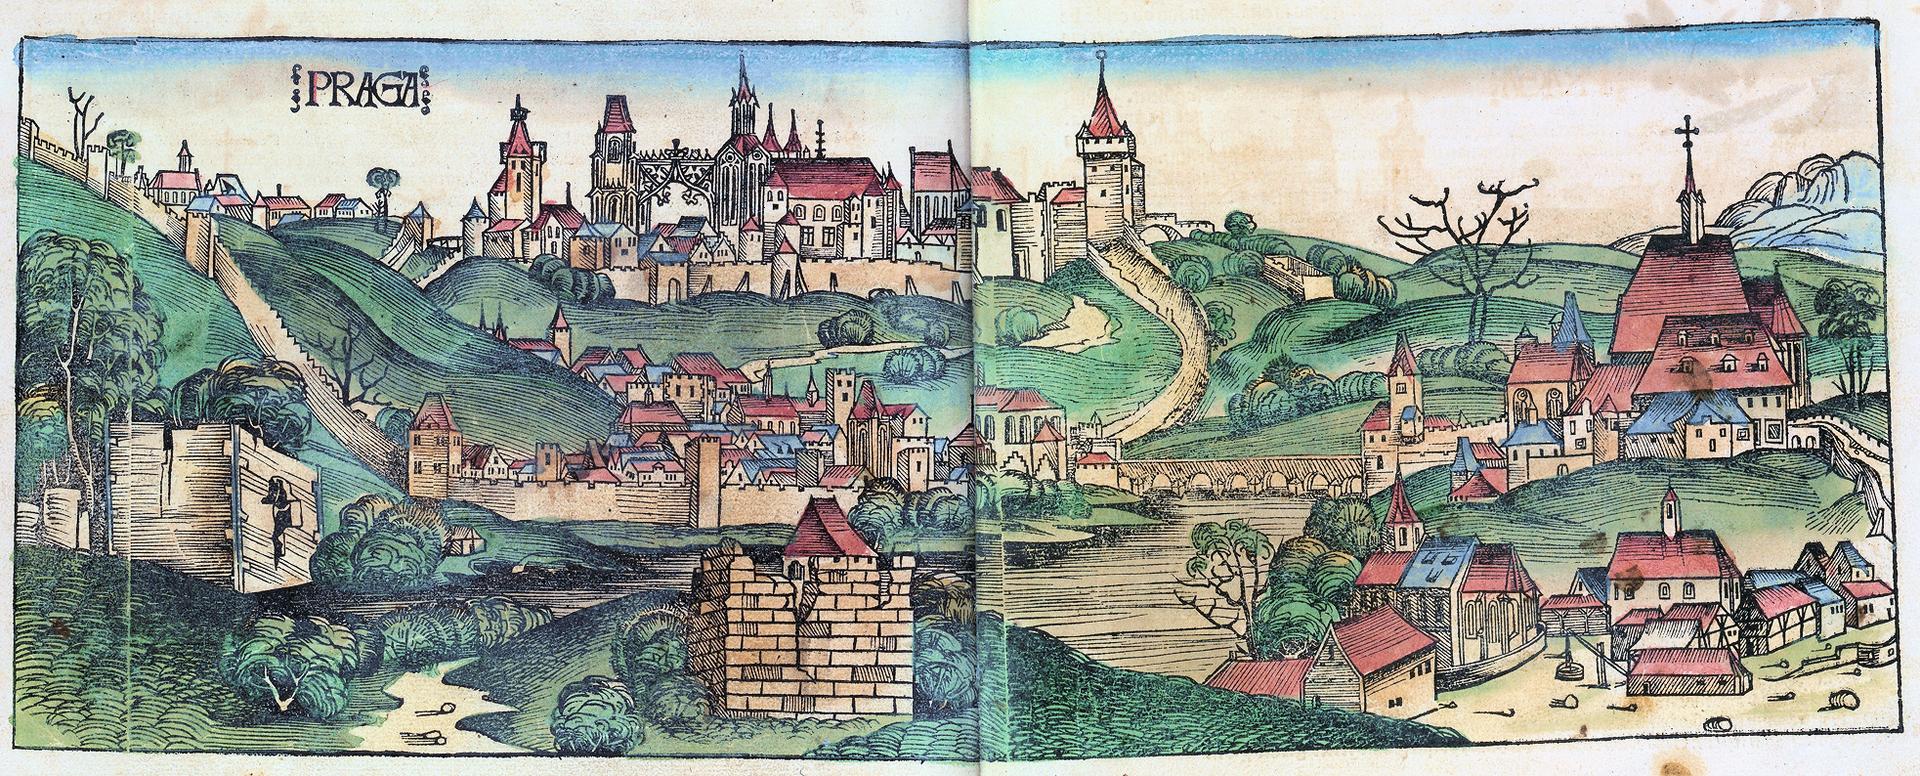 Widok Pragi zzamkiem na Hradczanach z1493 r. Kolorowanydrzeworyt ztzw.Kroniki Schedla wydanej wNorymberdzie w1493 r. – autorami ryciny byli: Michel Wolgemut, Wilhelm Pleydenwurff Źródło: Wilhelm Pleydenwurff, Michel Wolgemut, Widok Pragi zzamkiem na Hradczanach z1493 r., 1493, domena publiczna.